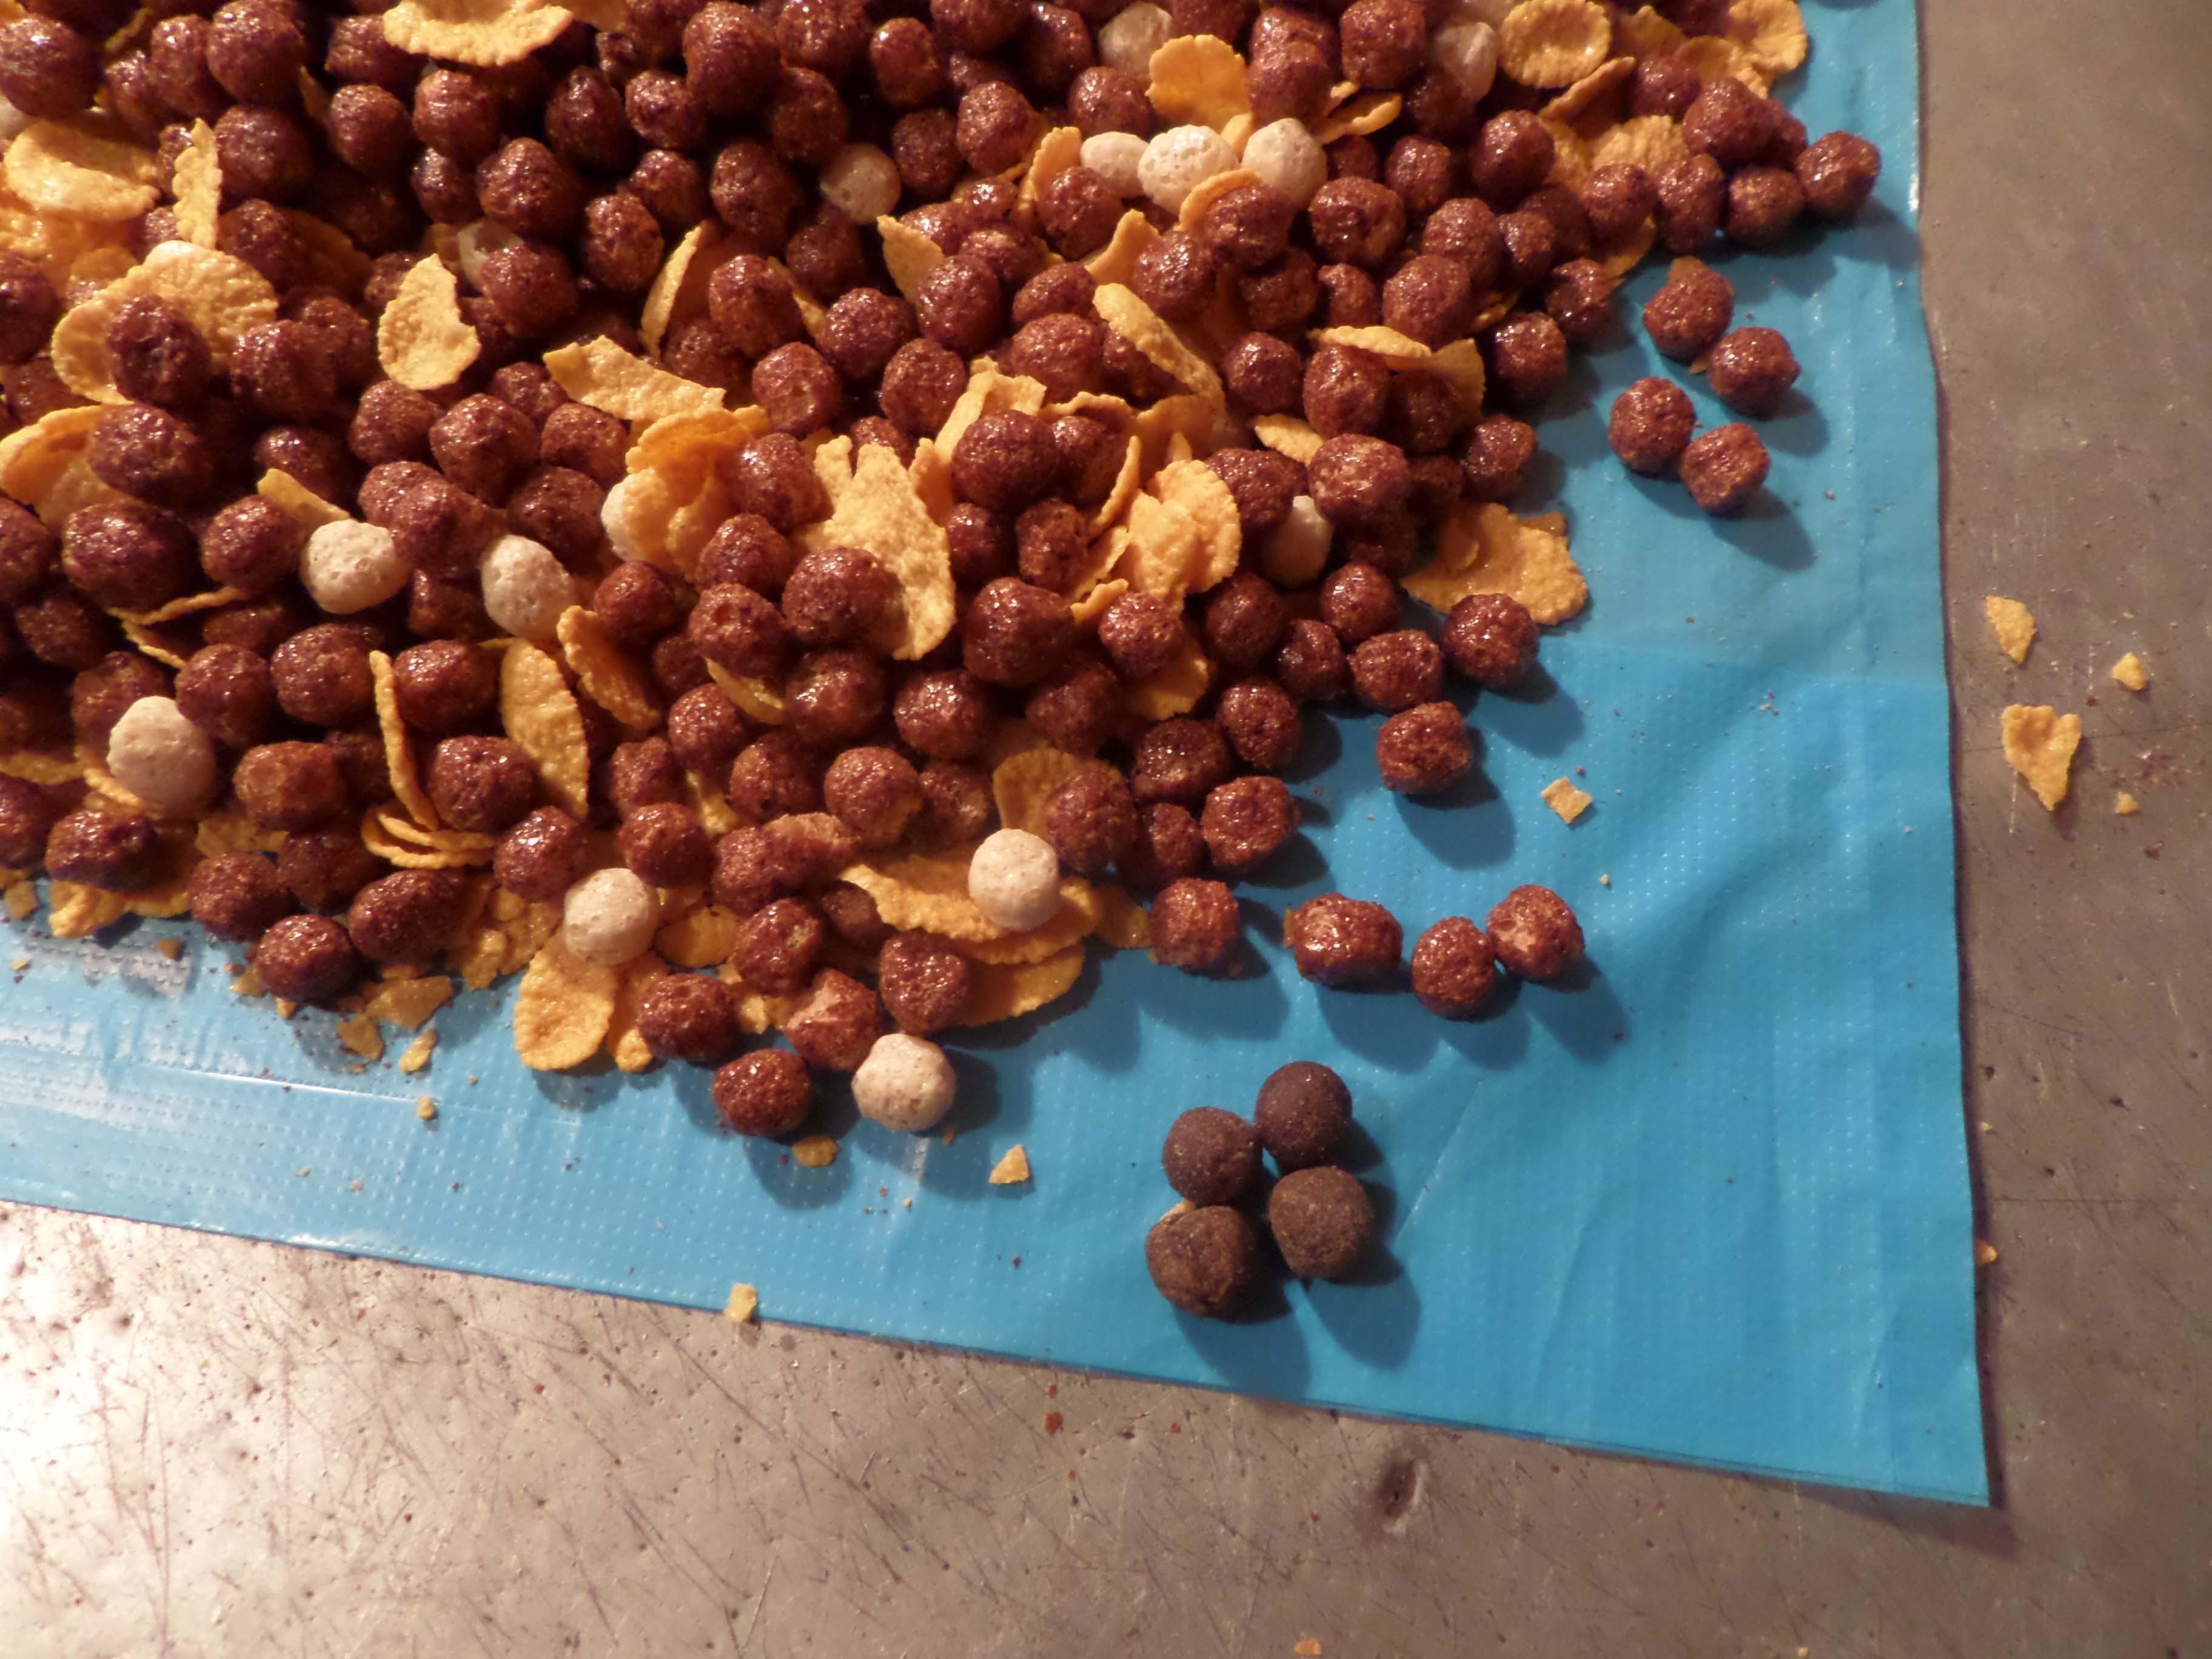 Заключенным пытались передать наркотики впачке кукурузных хлопьев